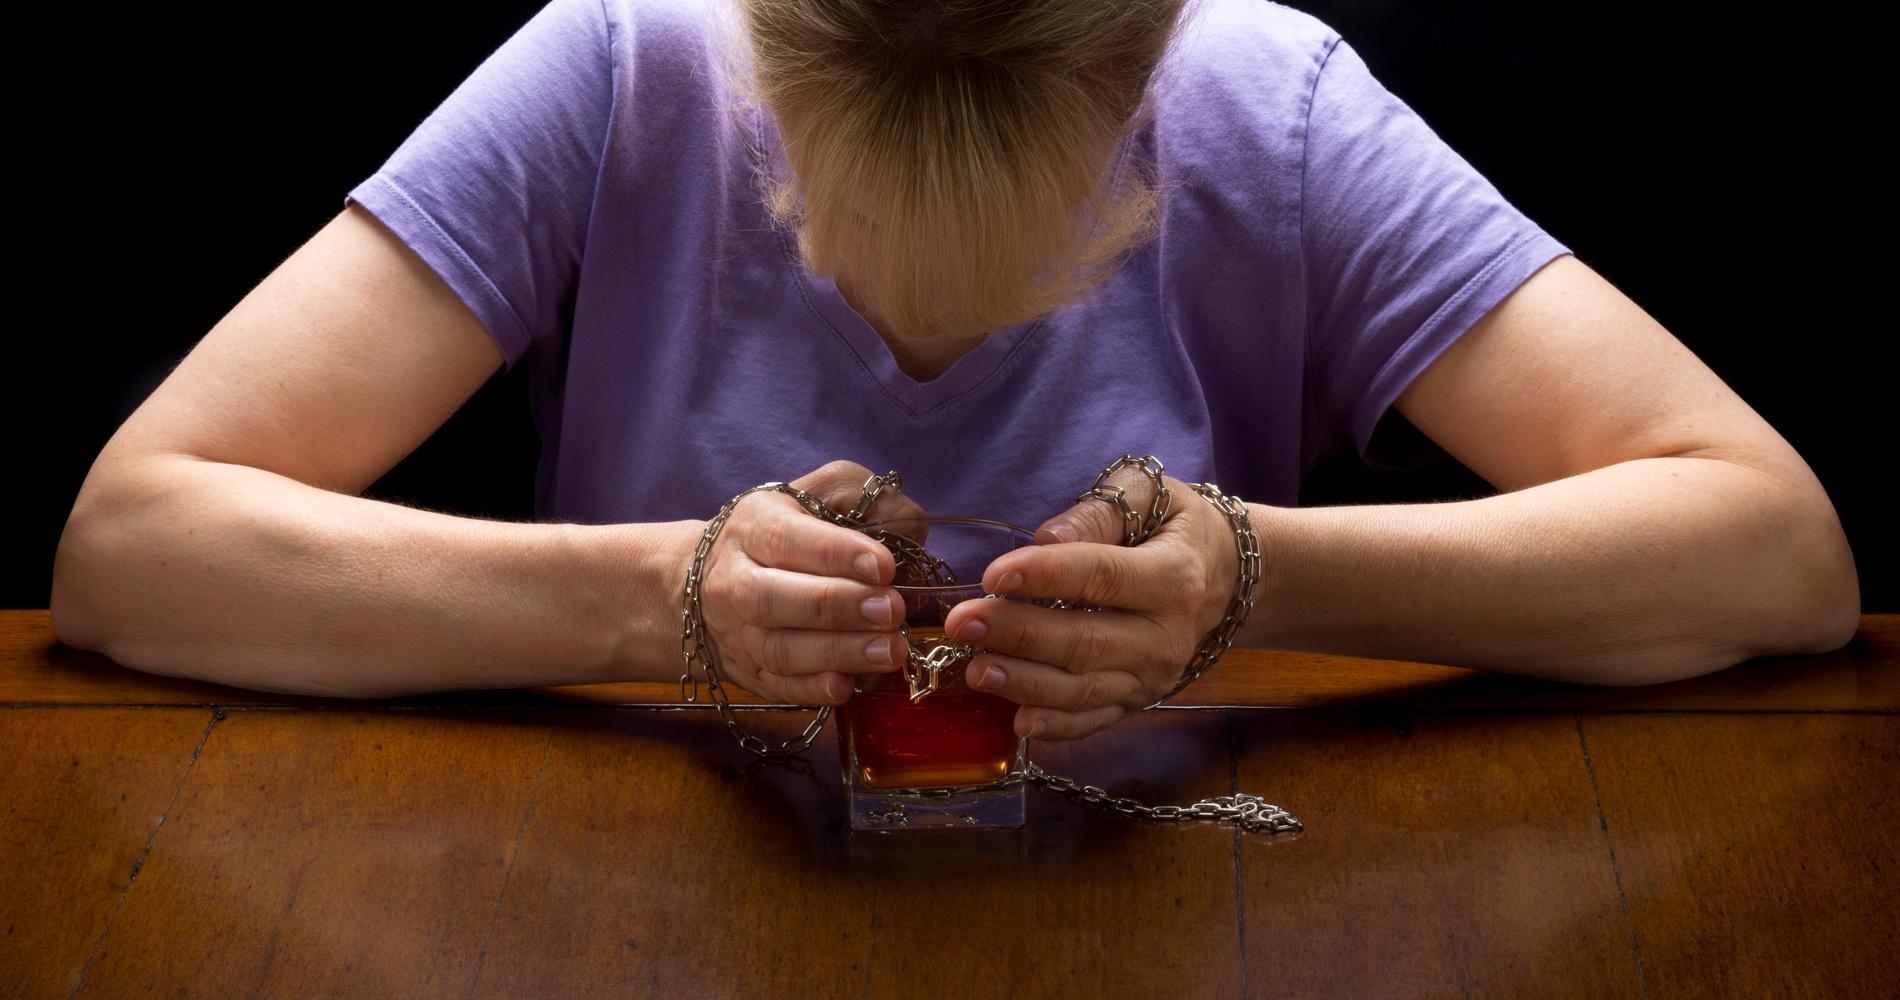 Возможность лечения алкоголизма 2 стадии что вводят внутривенно от алкоголизма